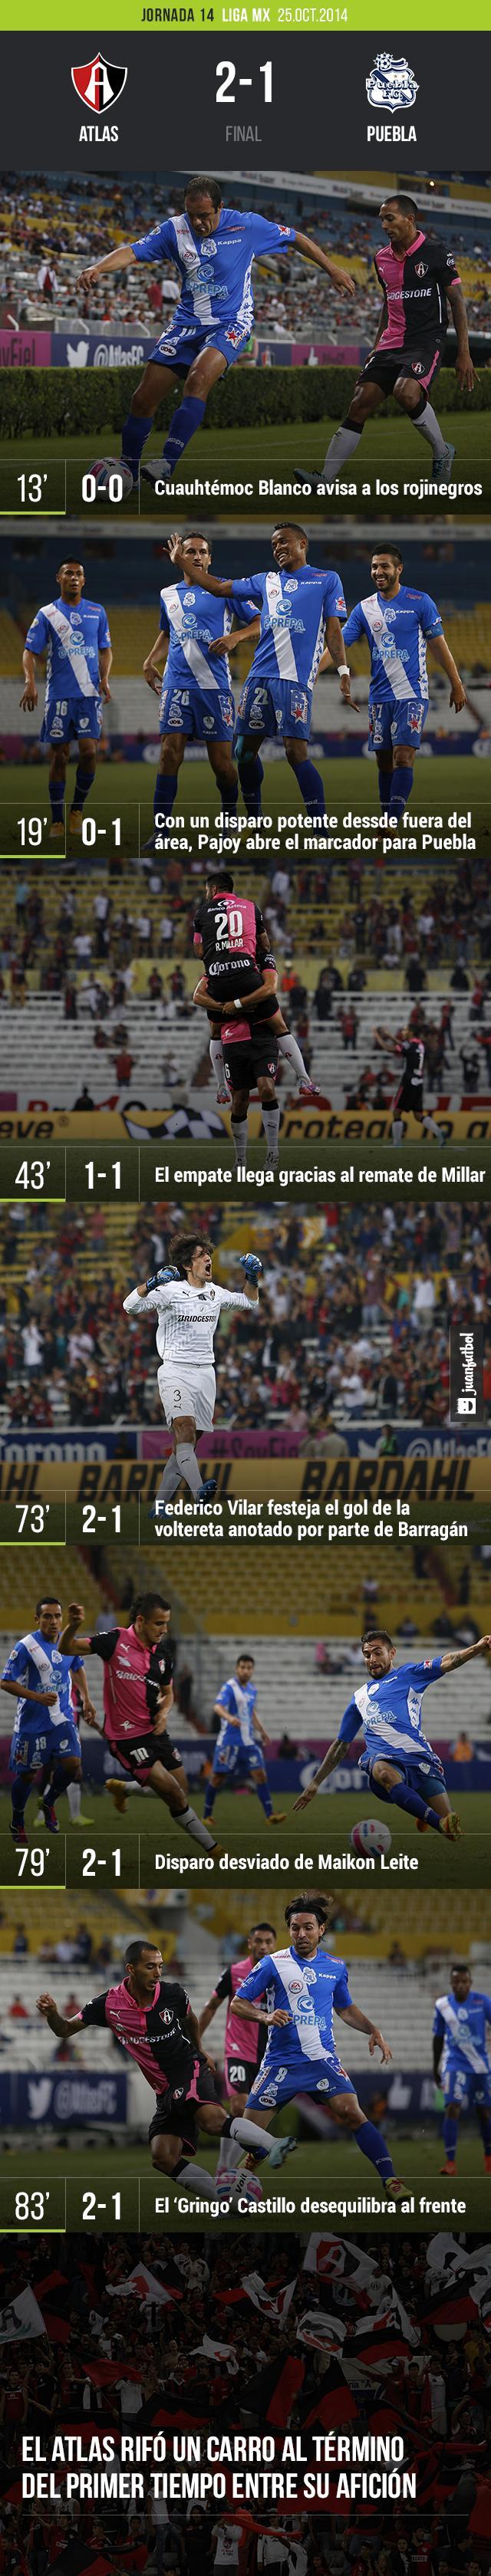 Atlas vence al Puebla 2-1 con goles de Millar y Barragán